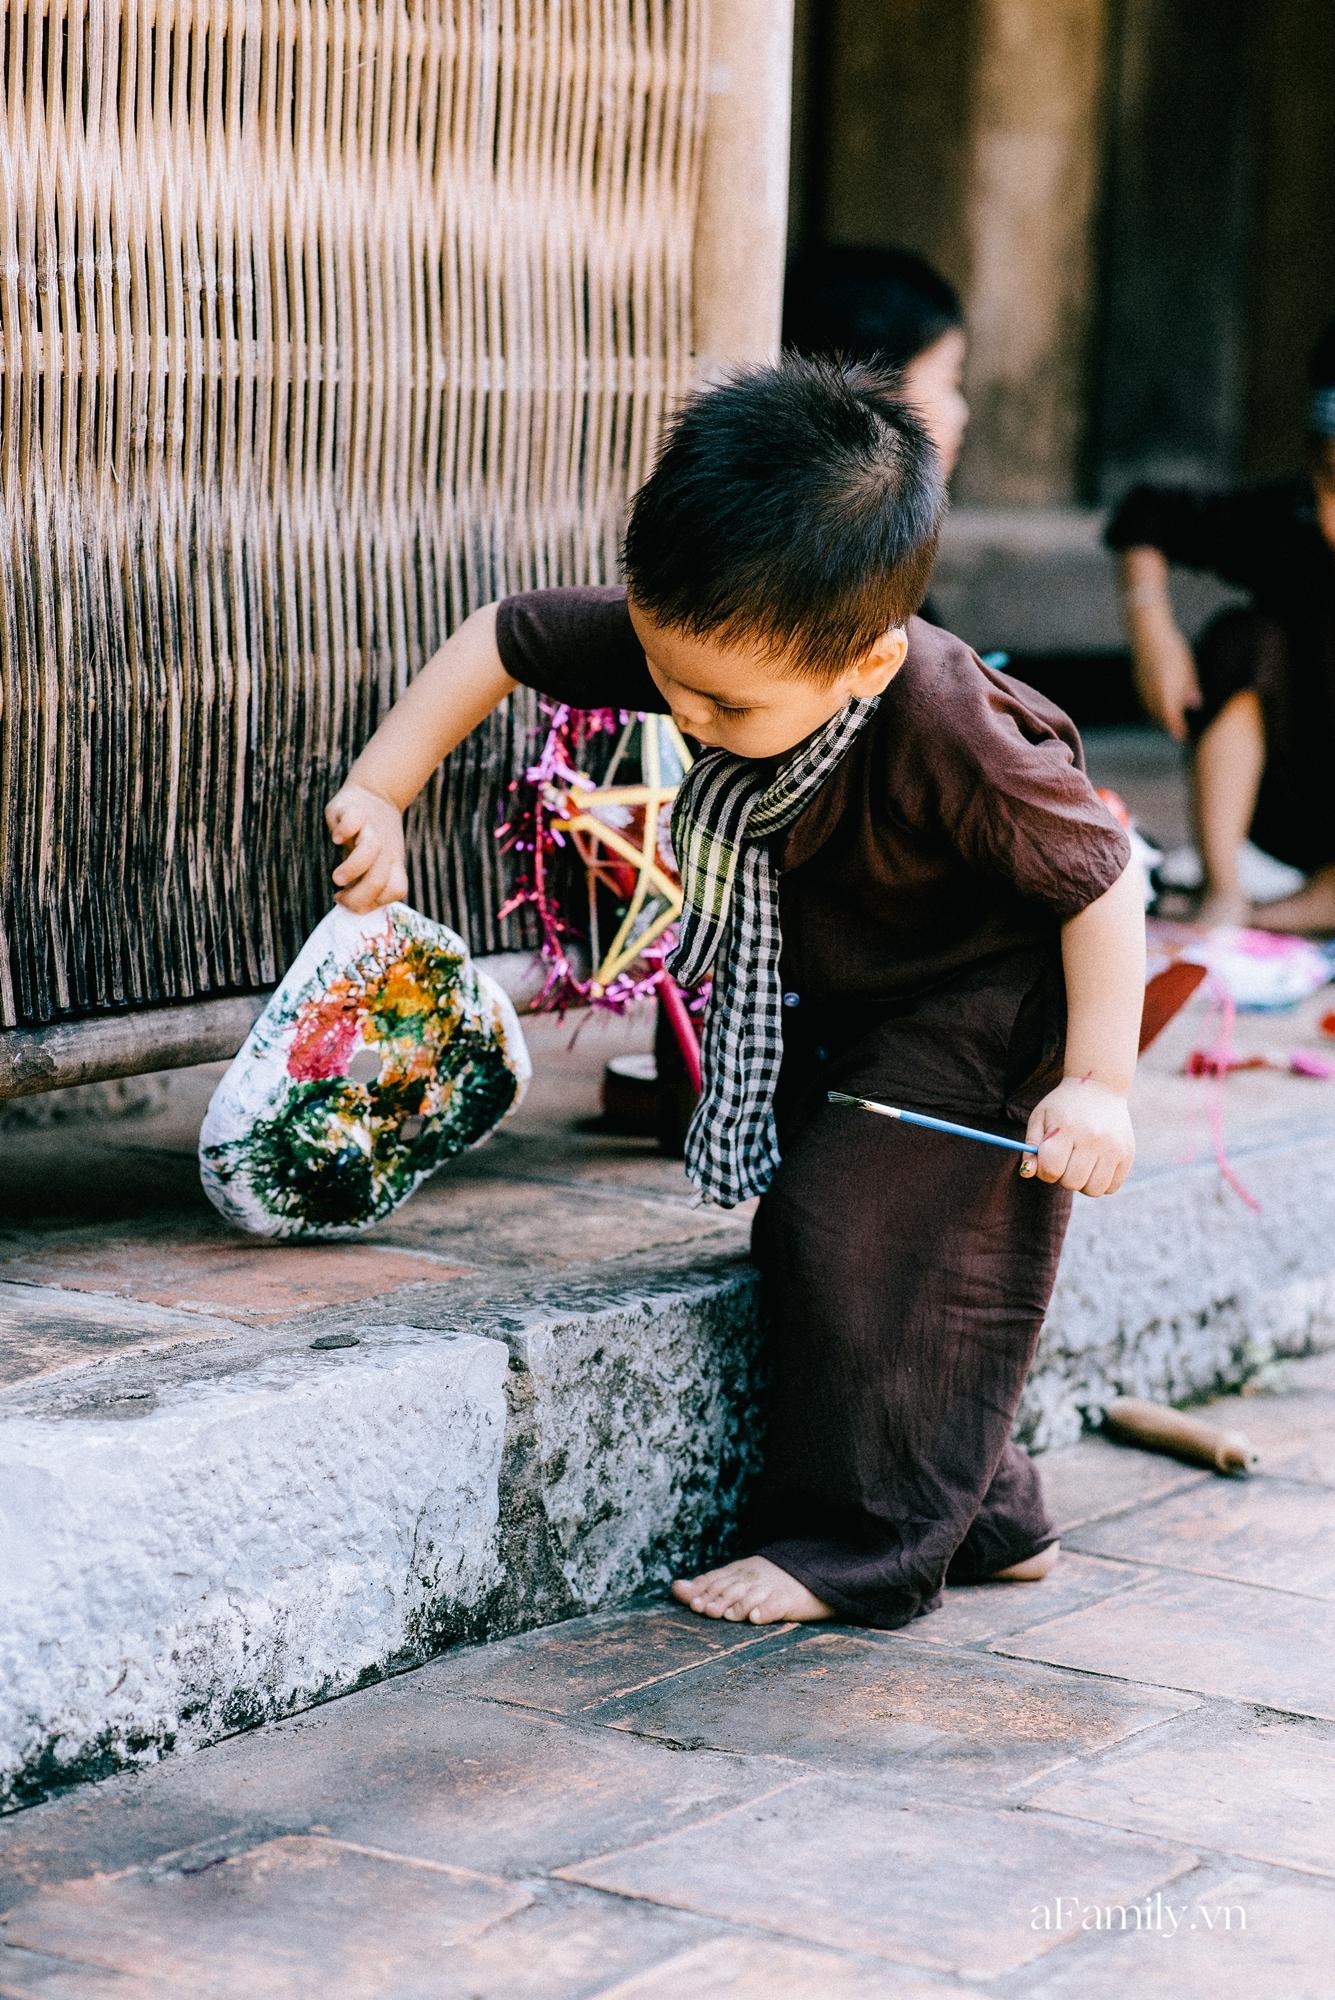 Trung thu cũ xưa ngay giữa lòng Hà Nội, nơi các em nhỏ được tận hưởng niềm vui còn bố mẹ thì được trở lại tuổi thơ chỉ với 40.000 đồng - Ảnh 4.